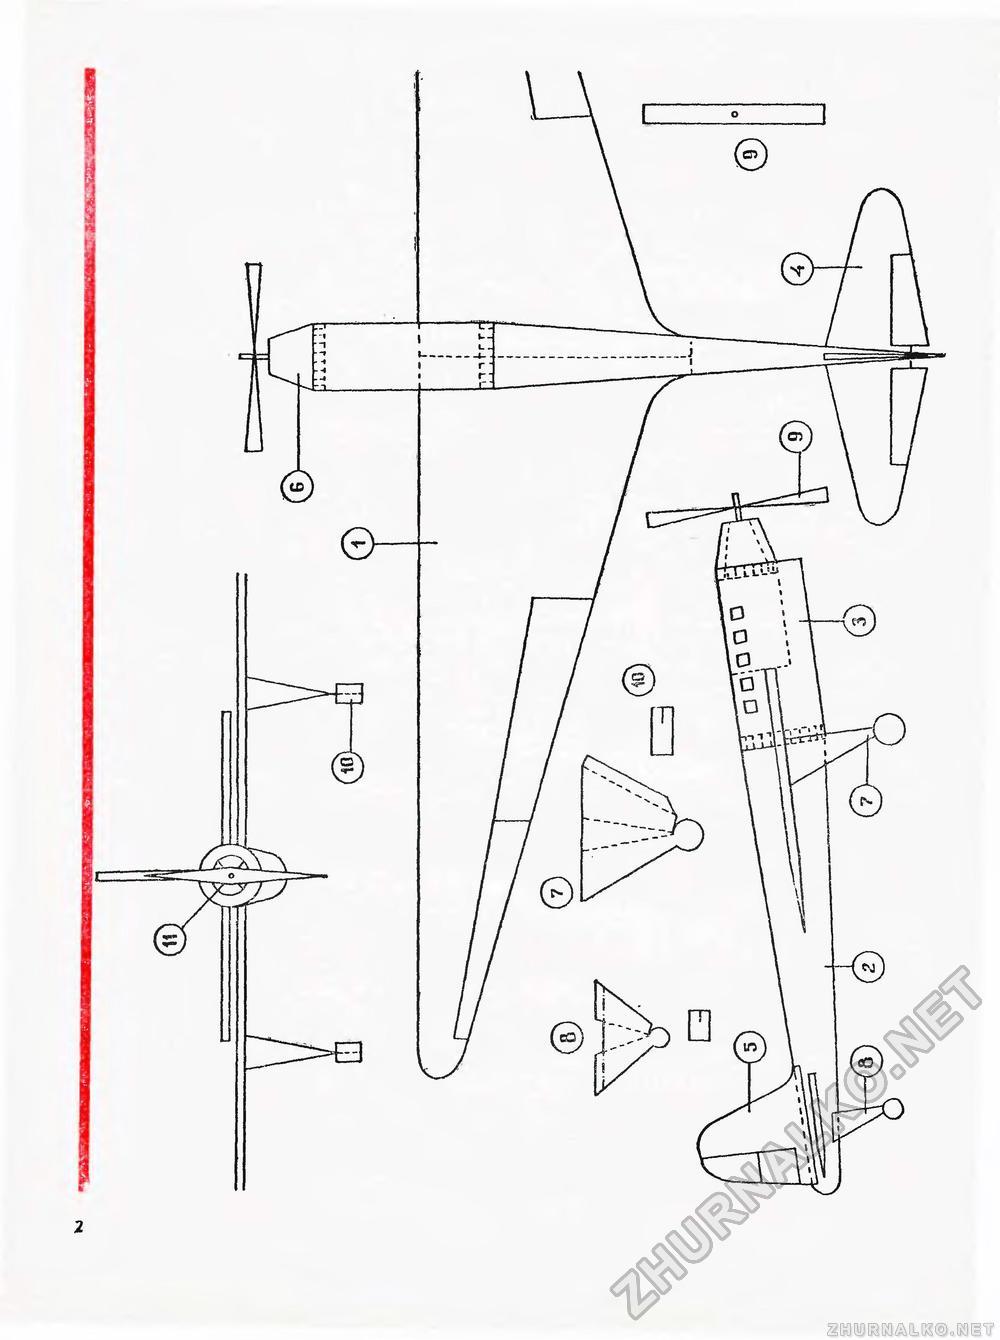 Как сделать самолет из дерева своими руками чертежи